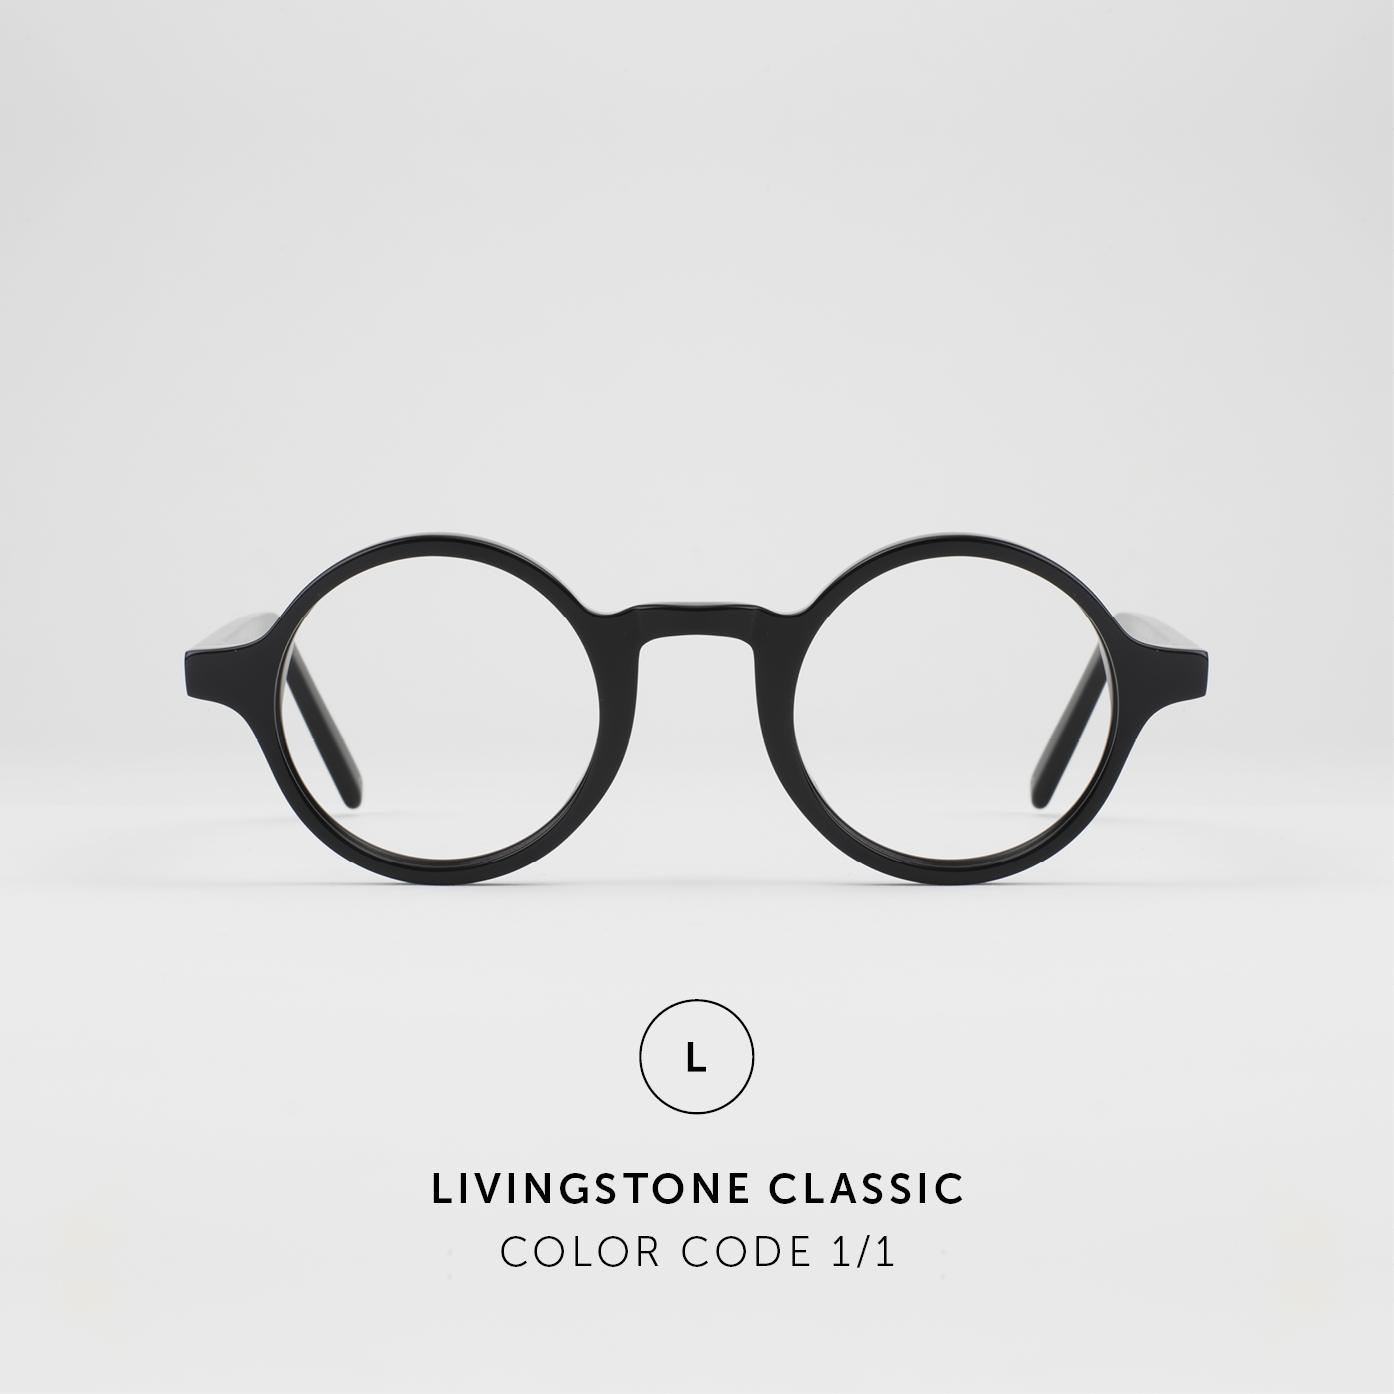 LivingstoneClassic.jpg